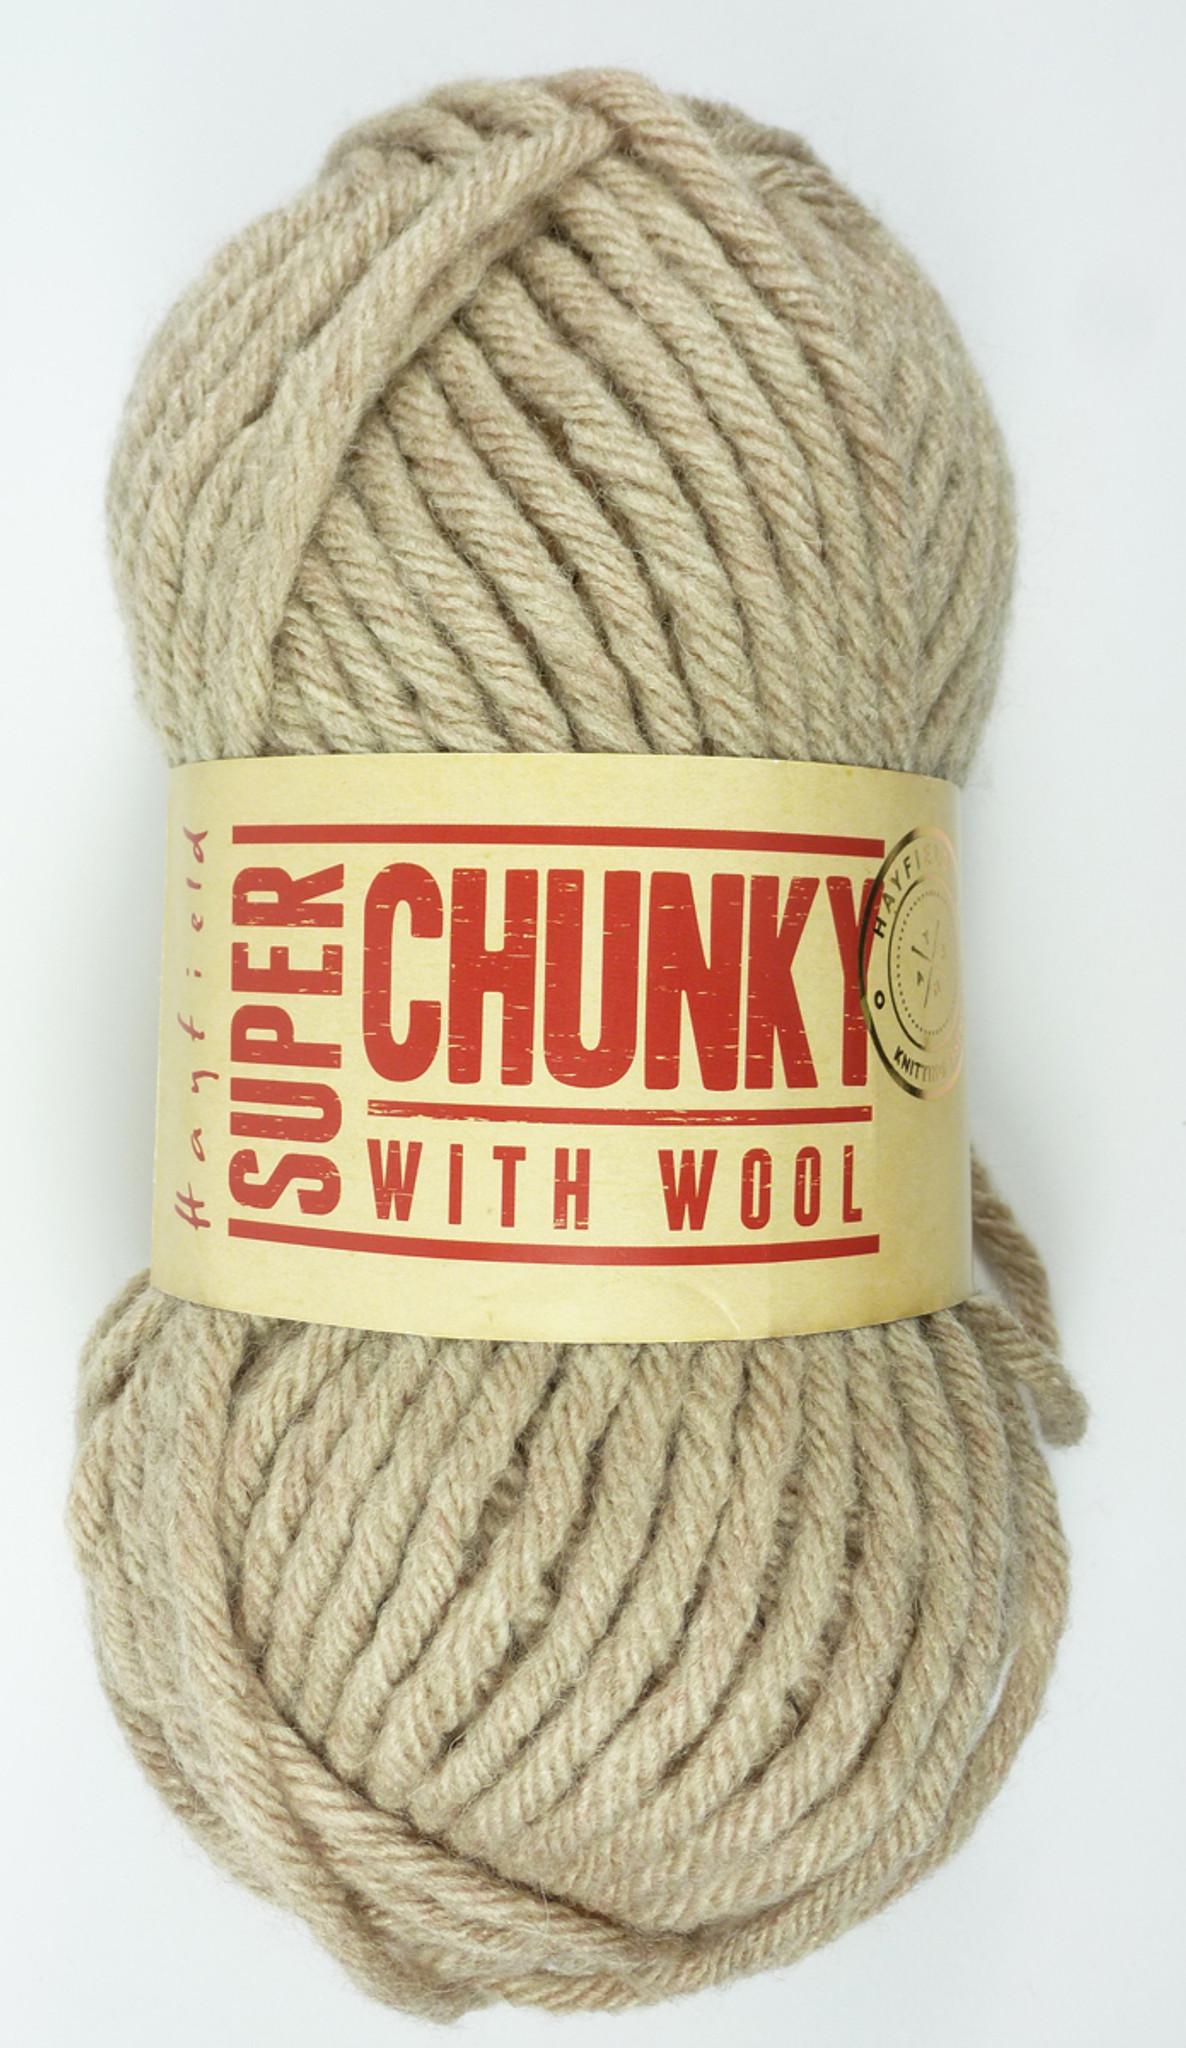 Sirdar Hayfield SUPER CHUNKY WITH WOOL Knitting Yarn 100g 050 CORNISH